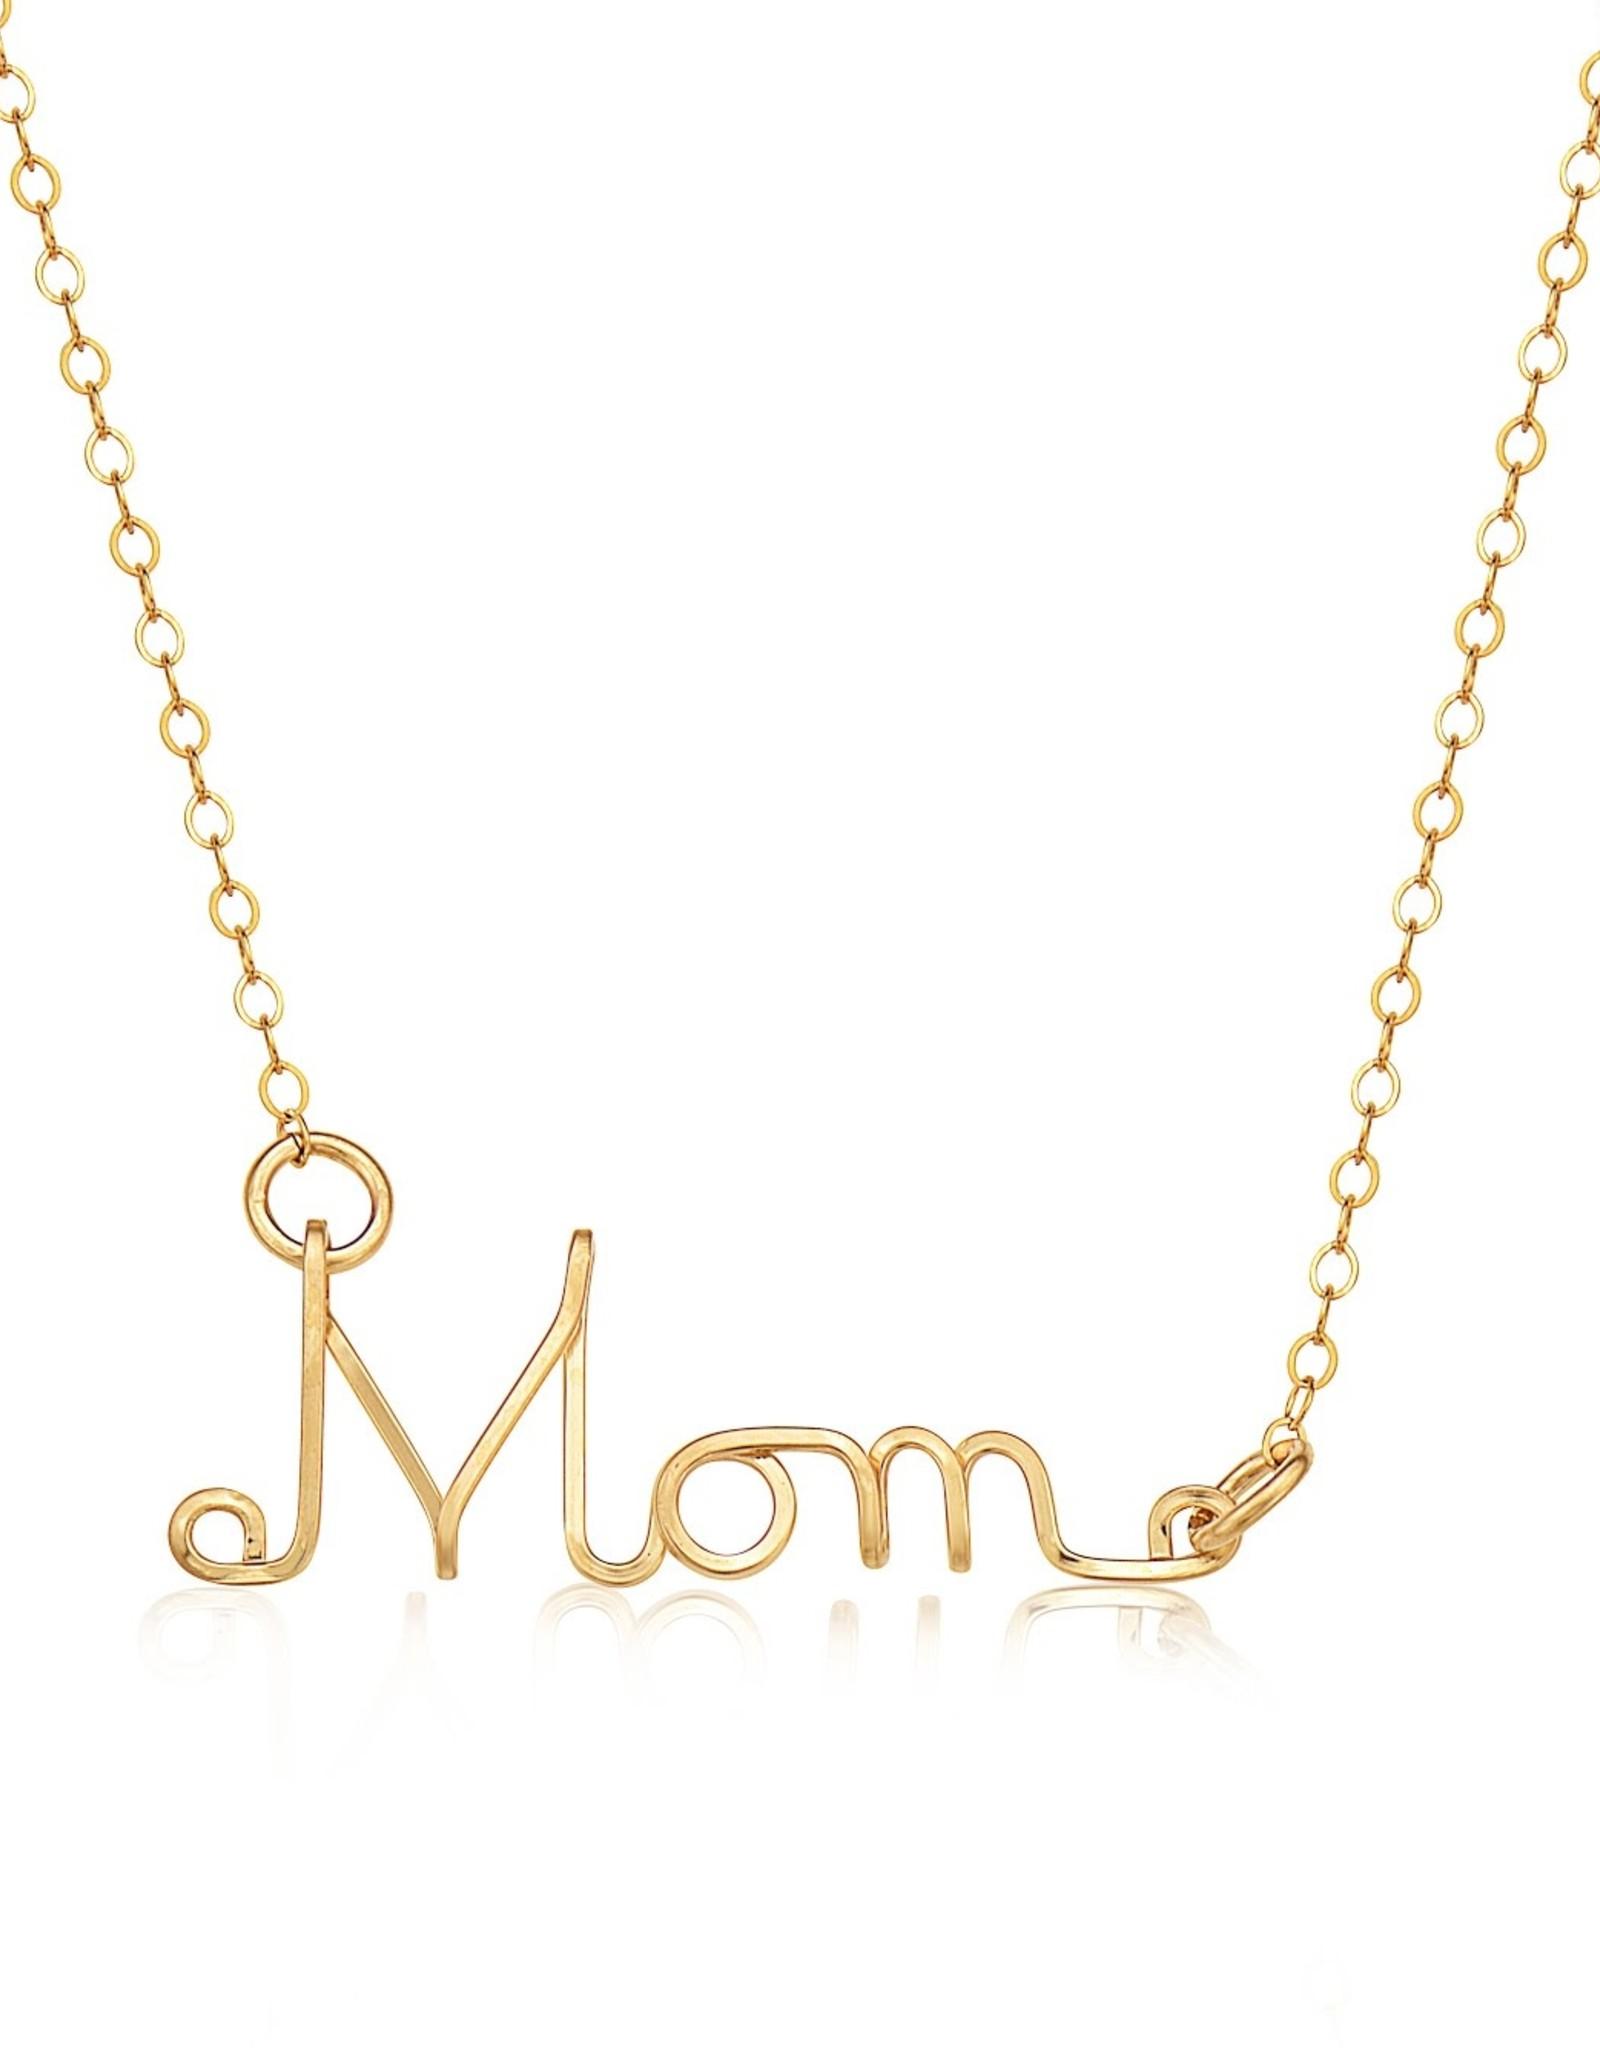 Ronaldo Ronaldo Name Necklace- Special Order